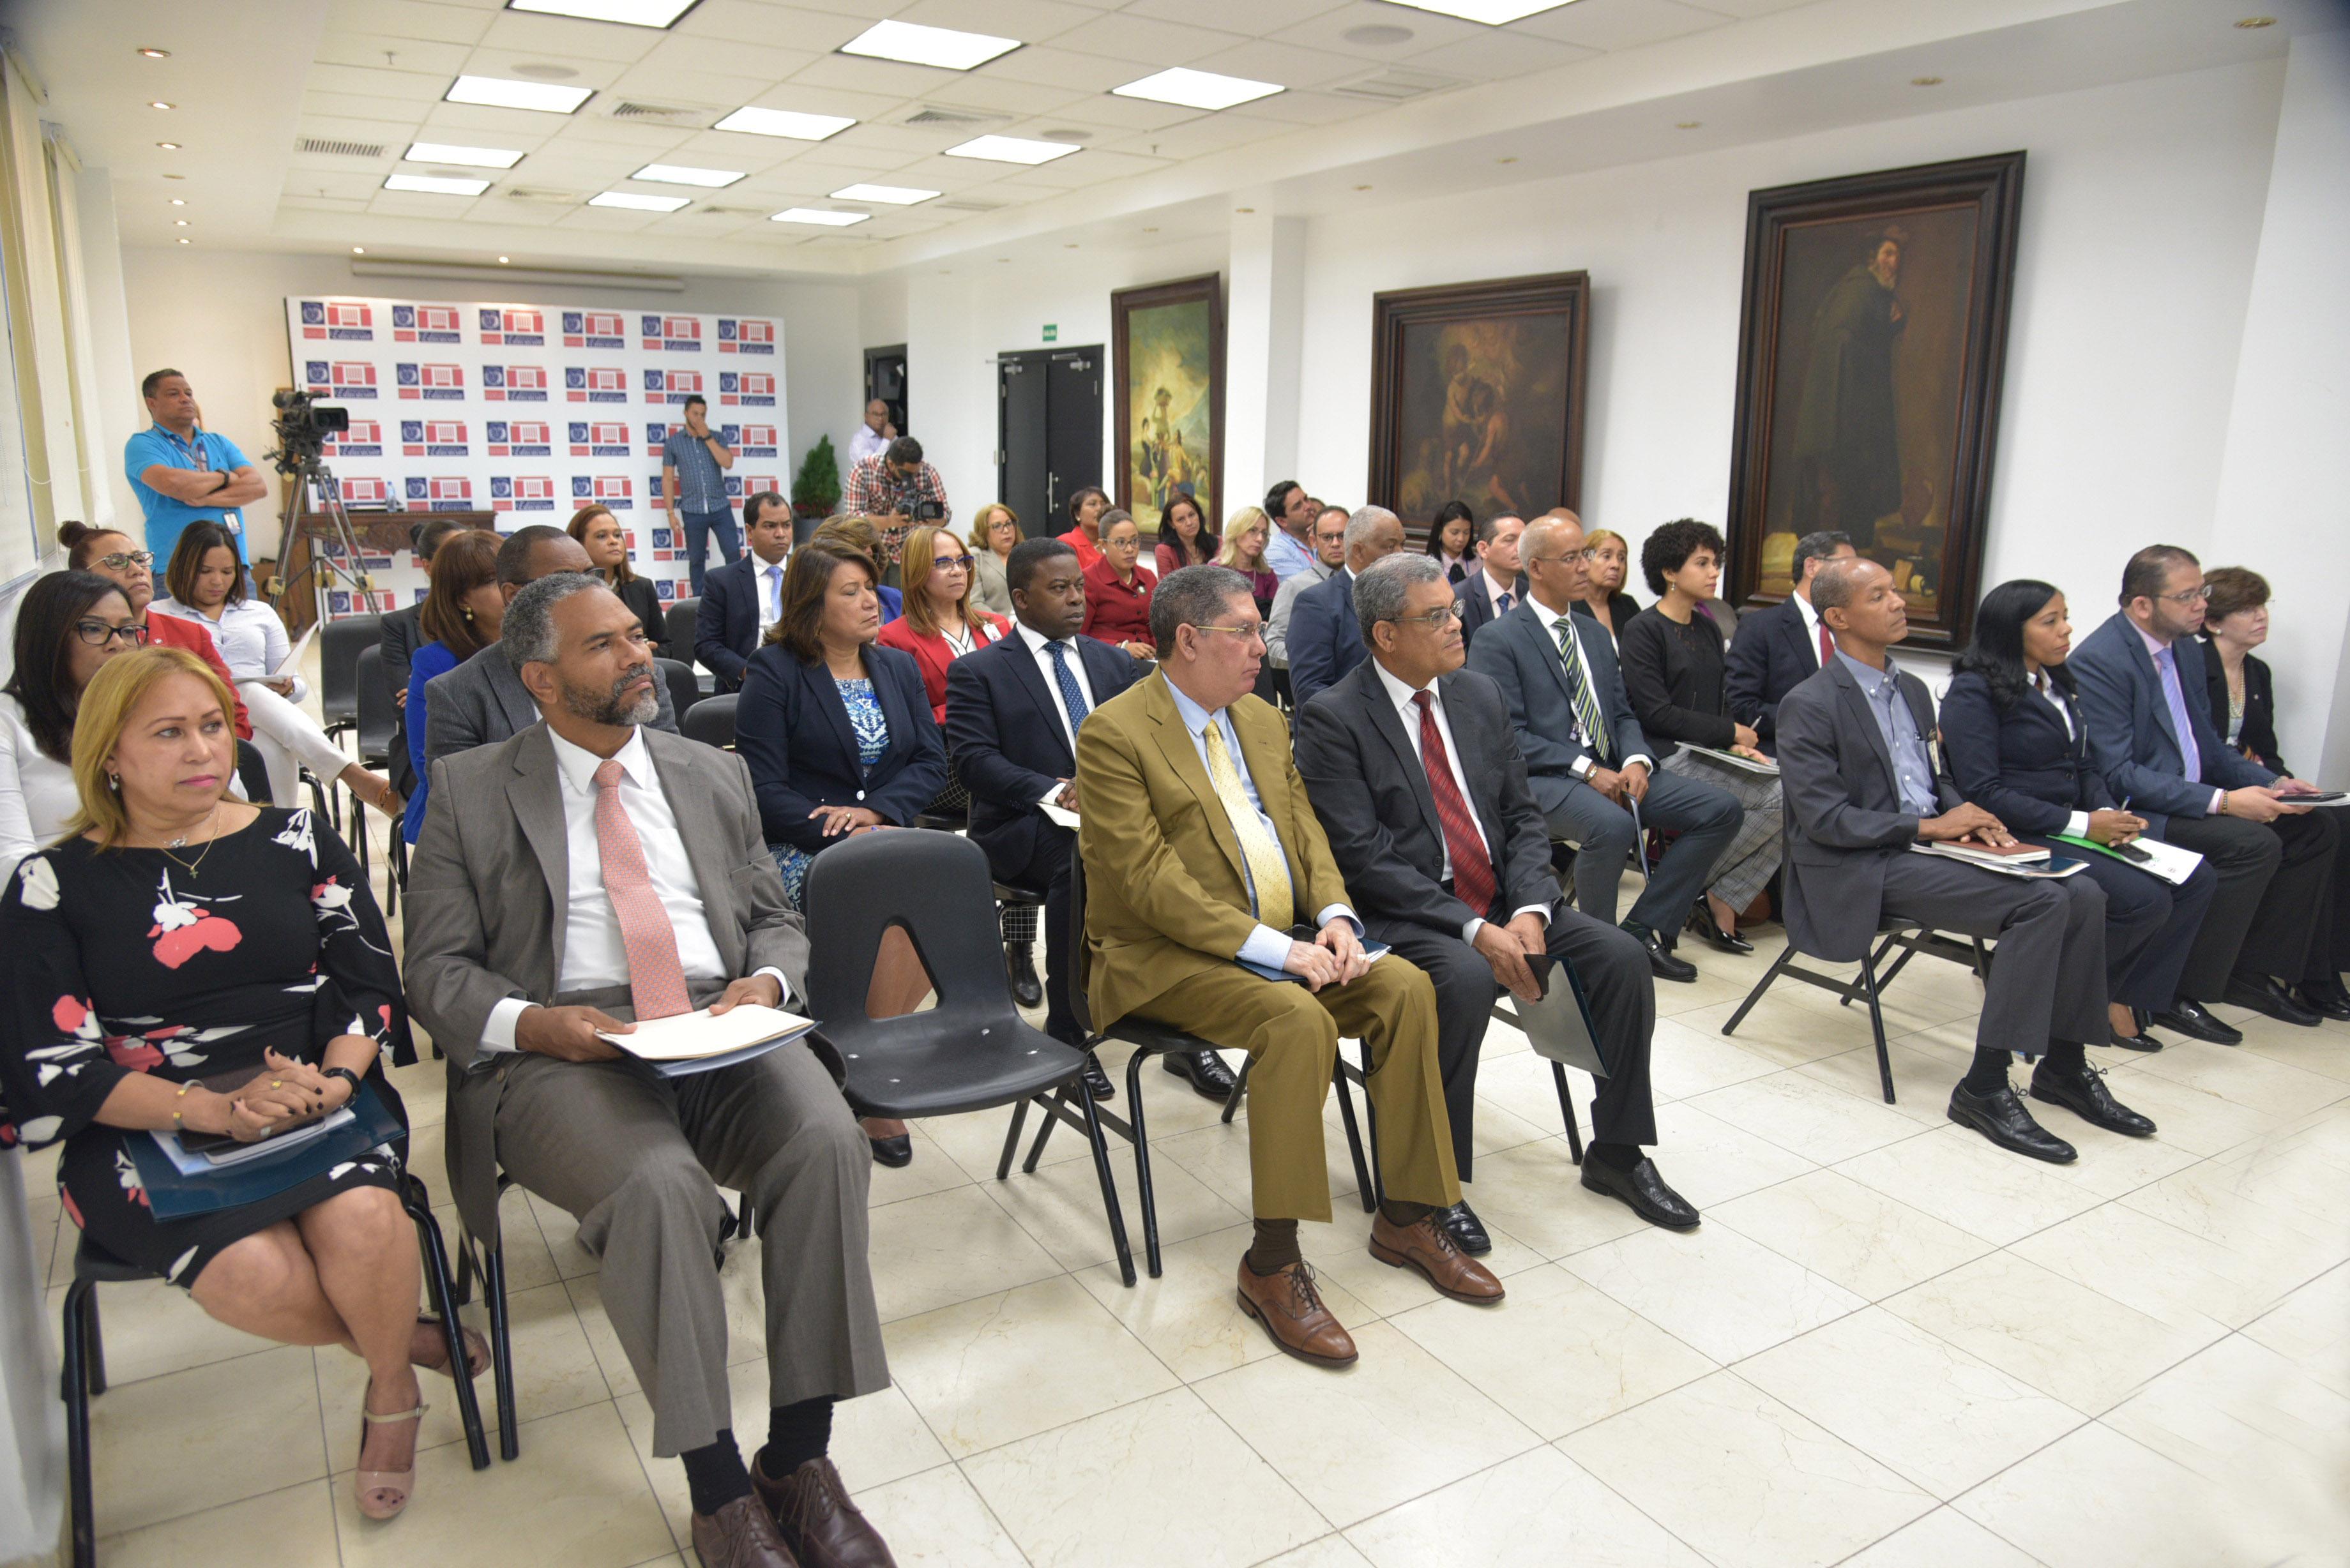 Taller, Ministerio de Educación Realiza Taller de Socialización del Plan de Mejora Institucional